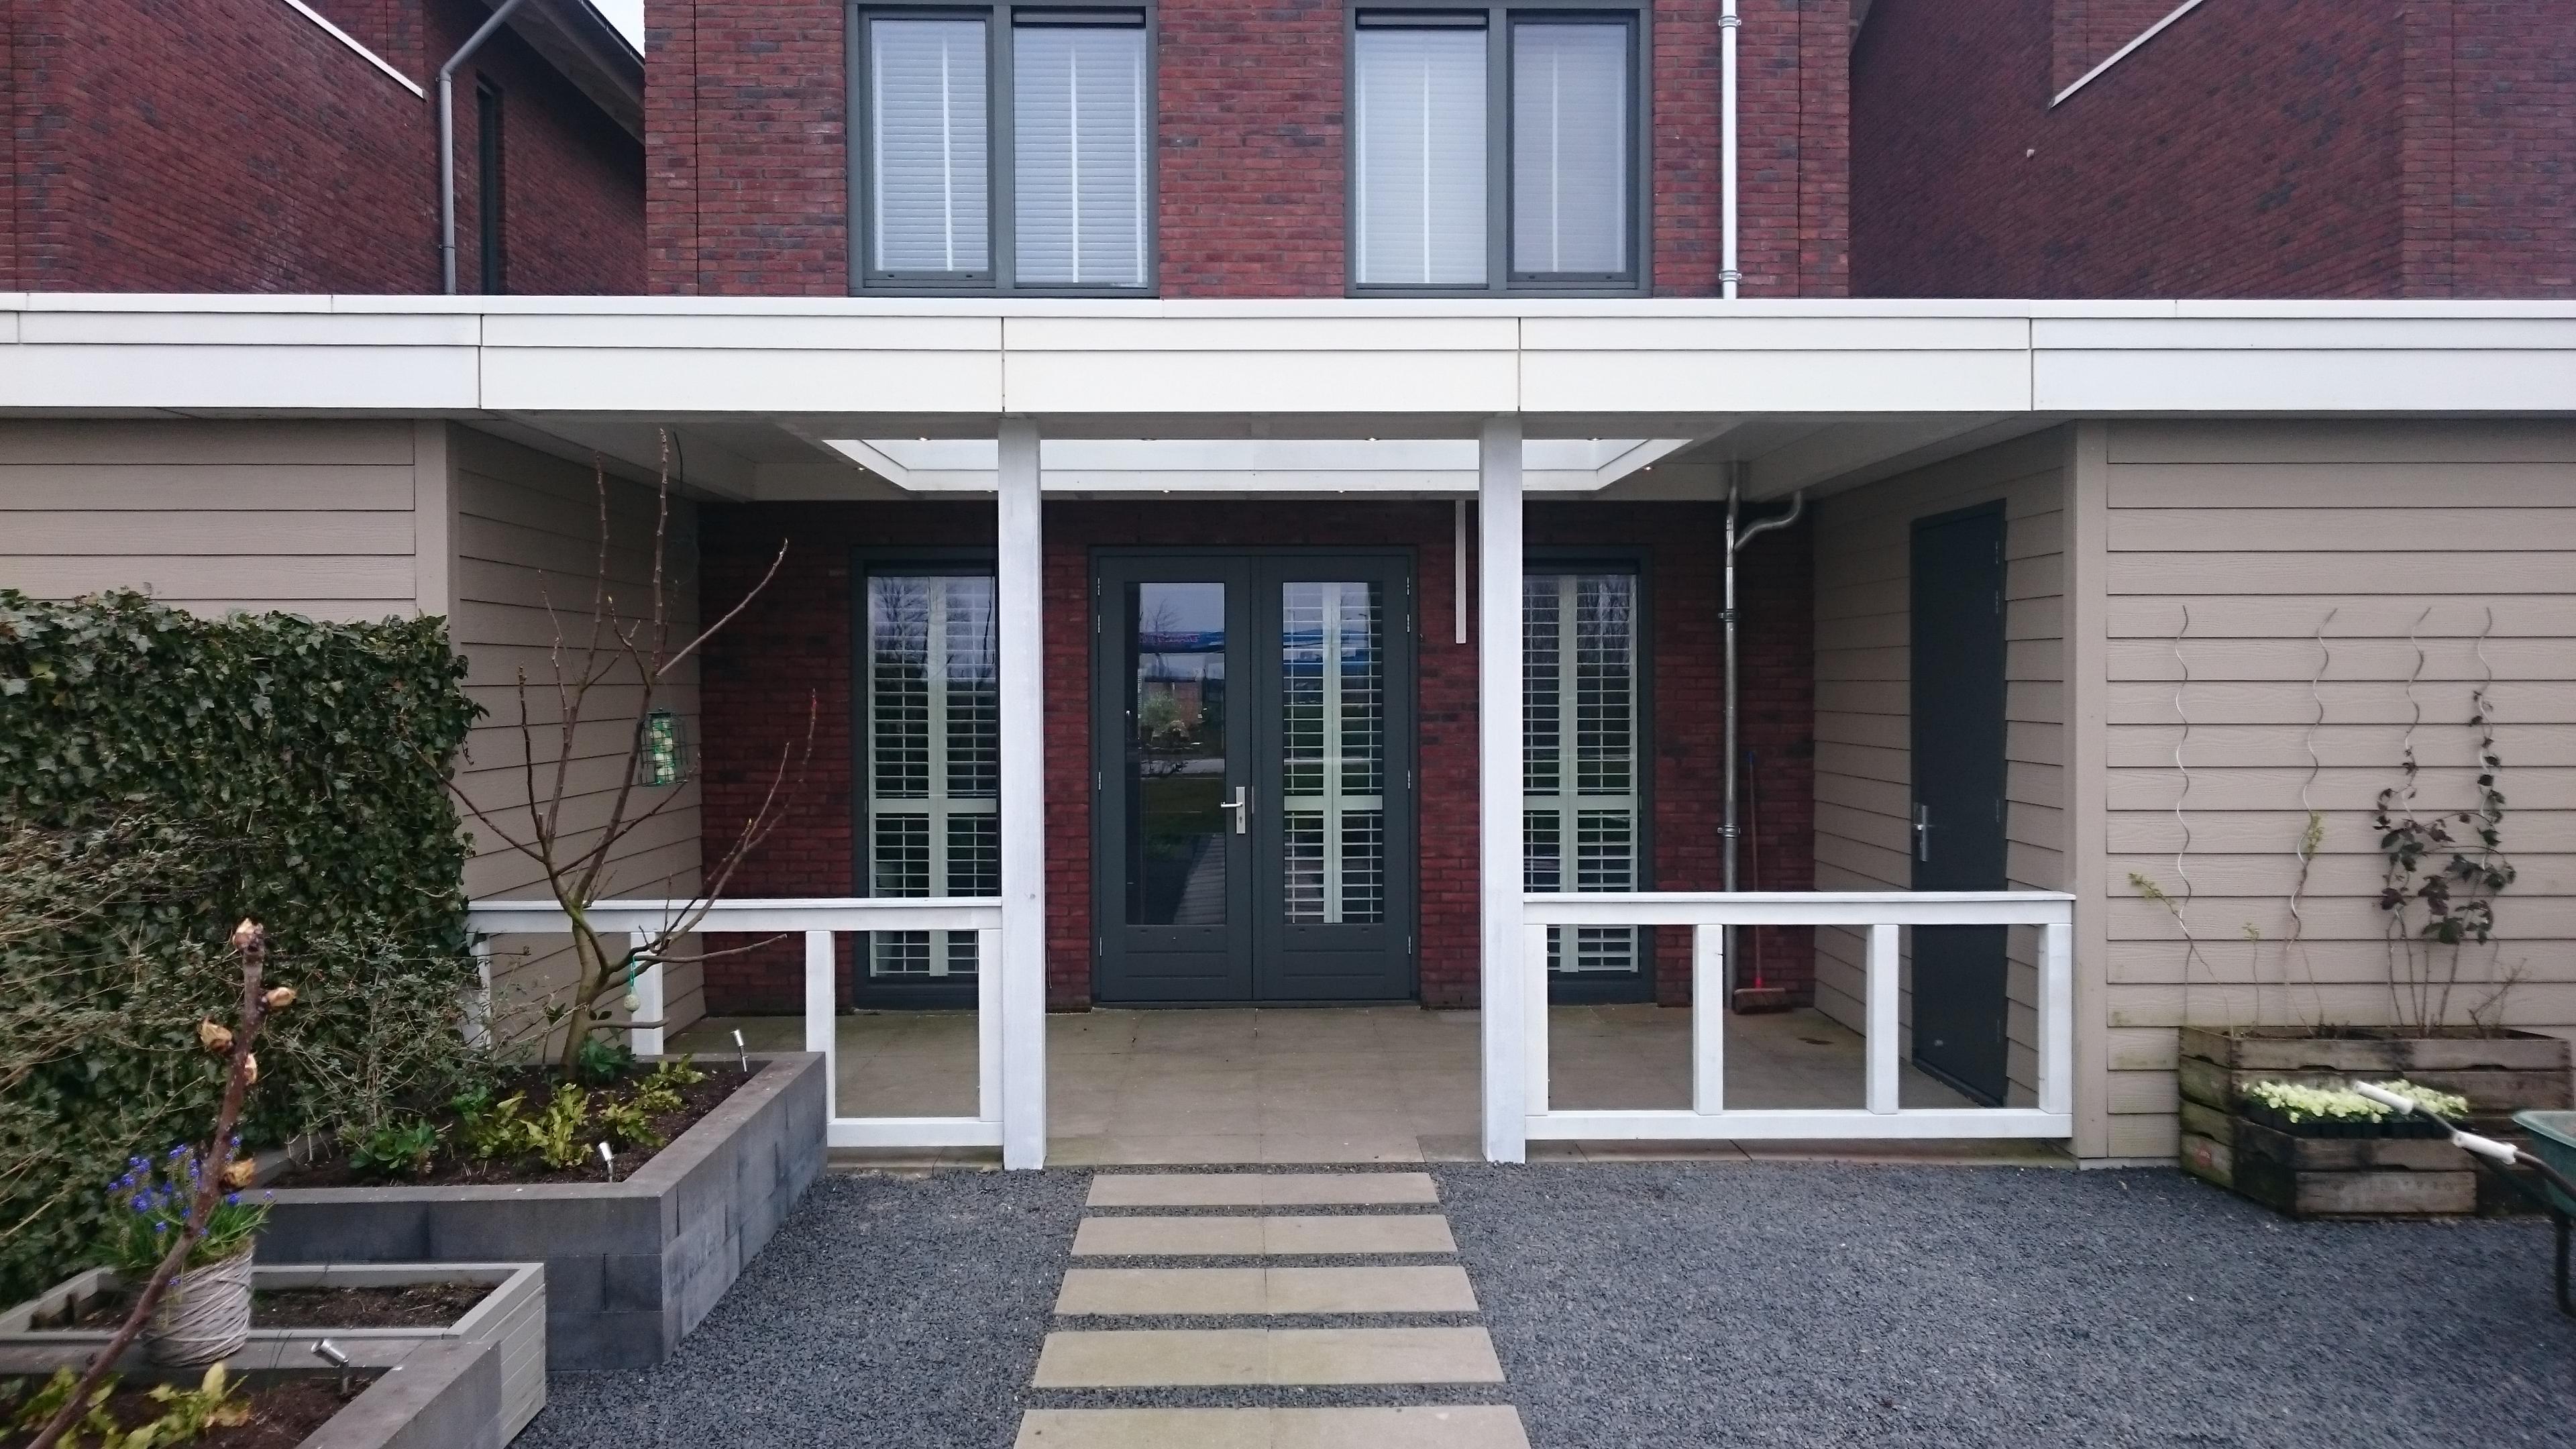 Woning met veranda plaza in zevenhuizen veranda plaza hier is alles veranda - Huis met veranda ...